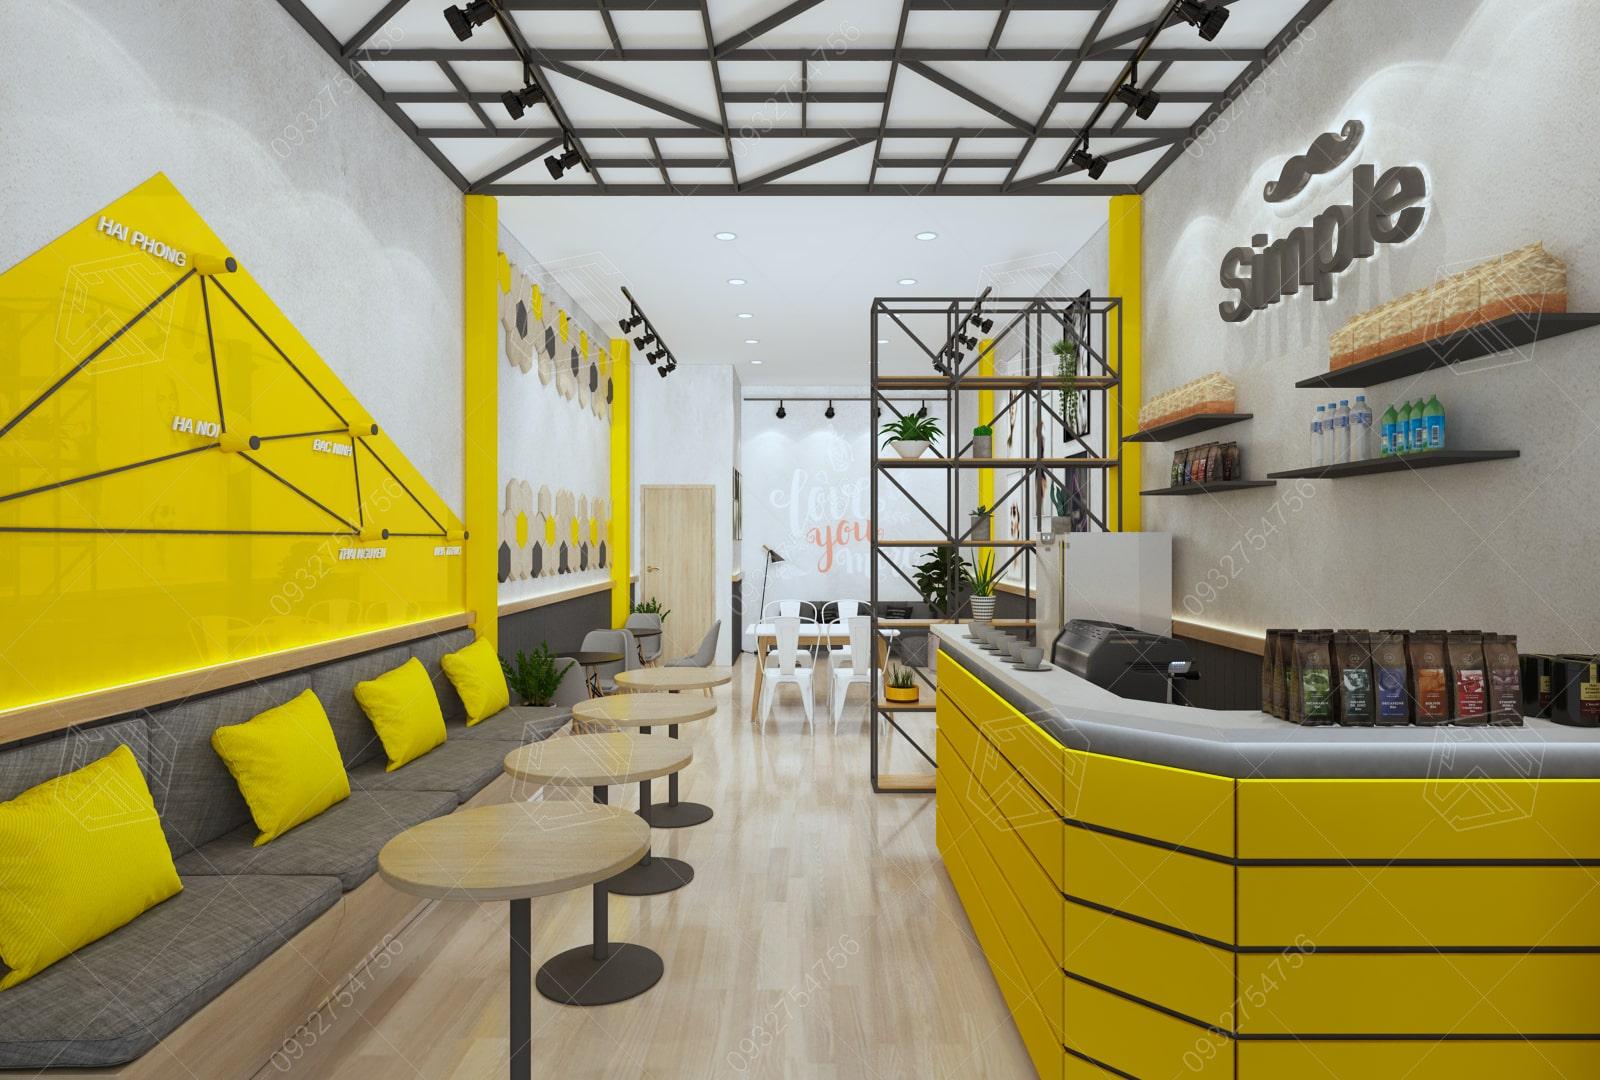 thiết kế quán trà sữa simple